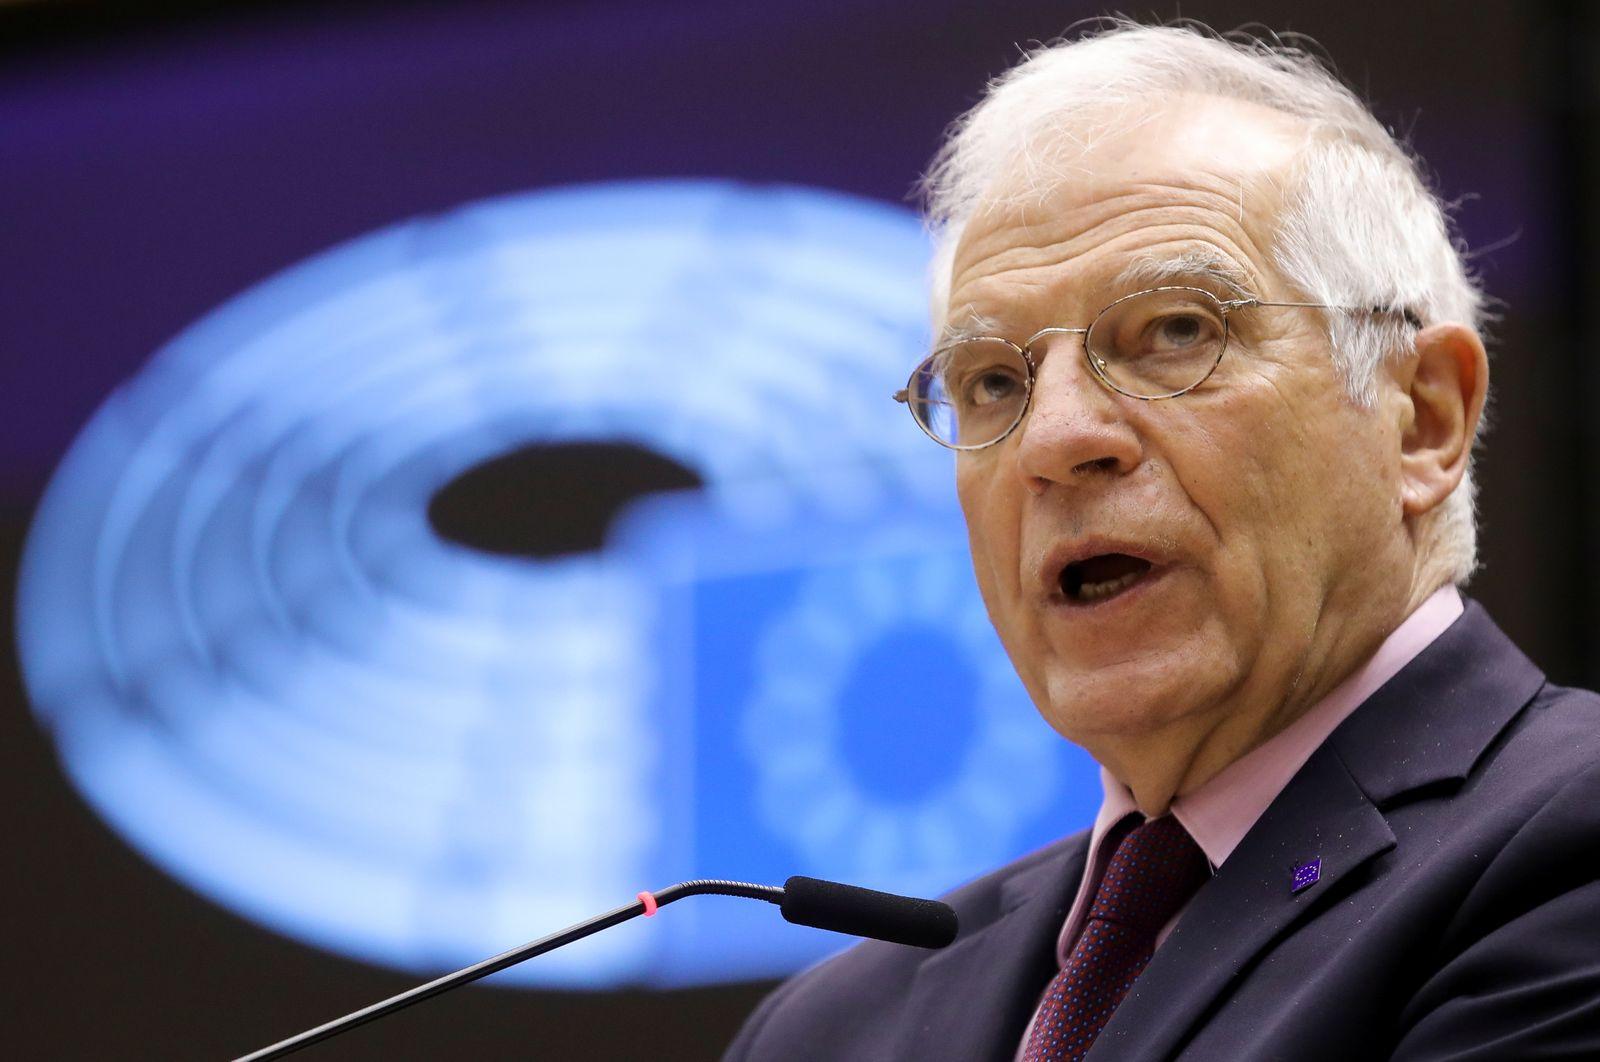 EU Parliament Plenary session